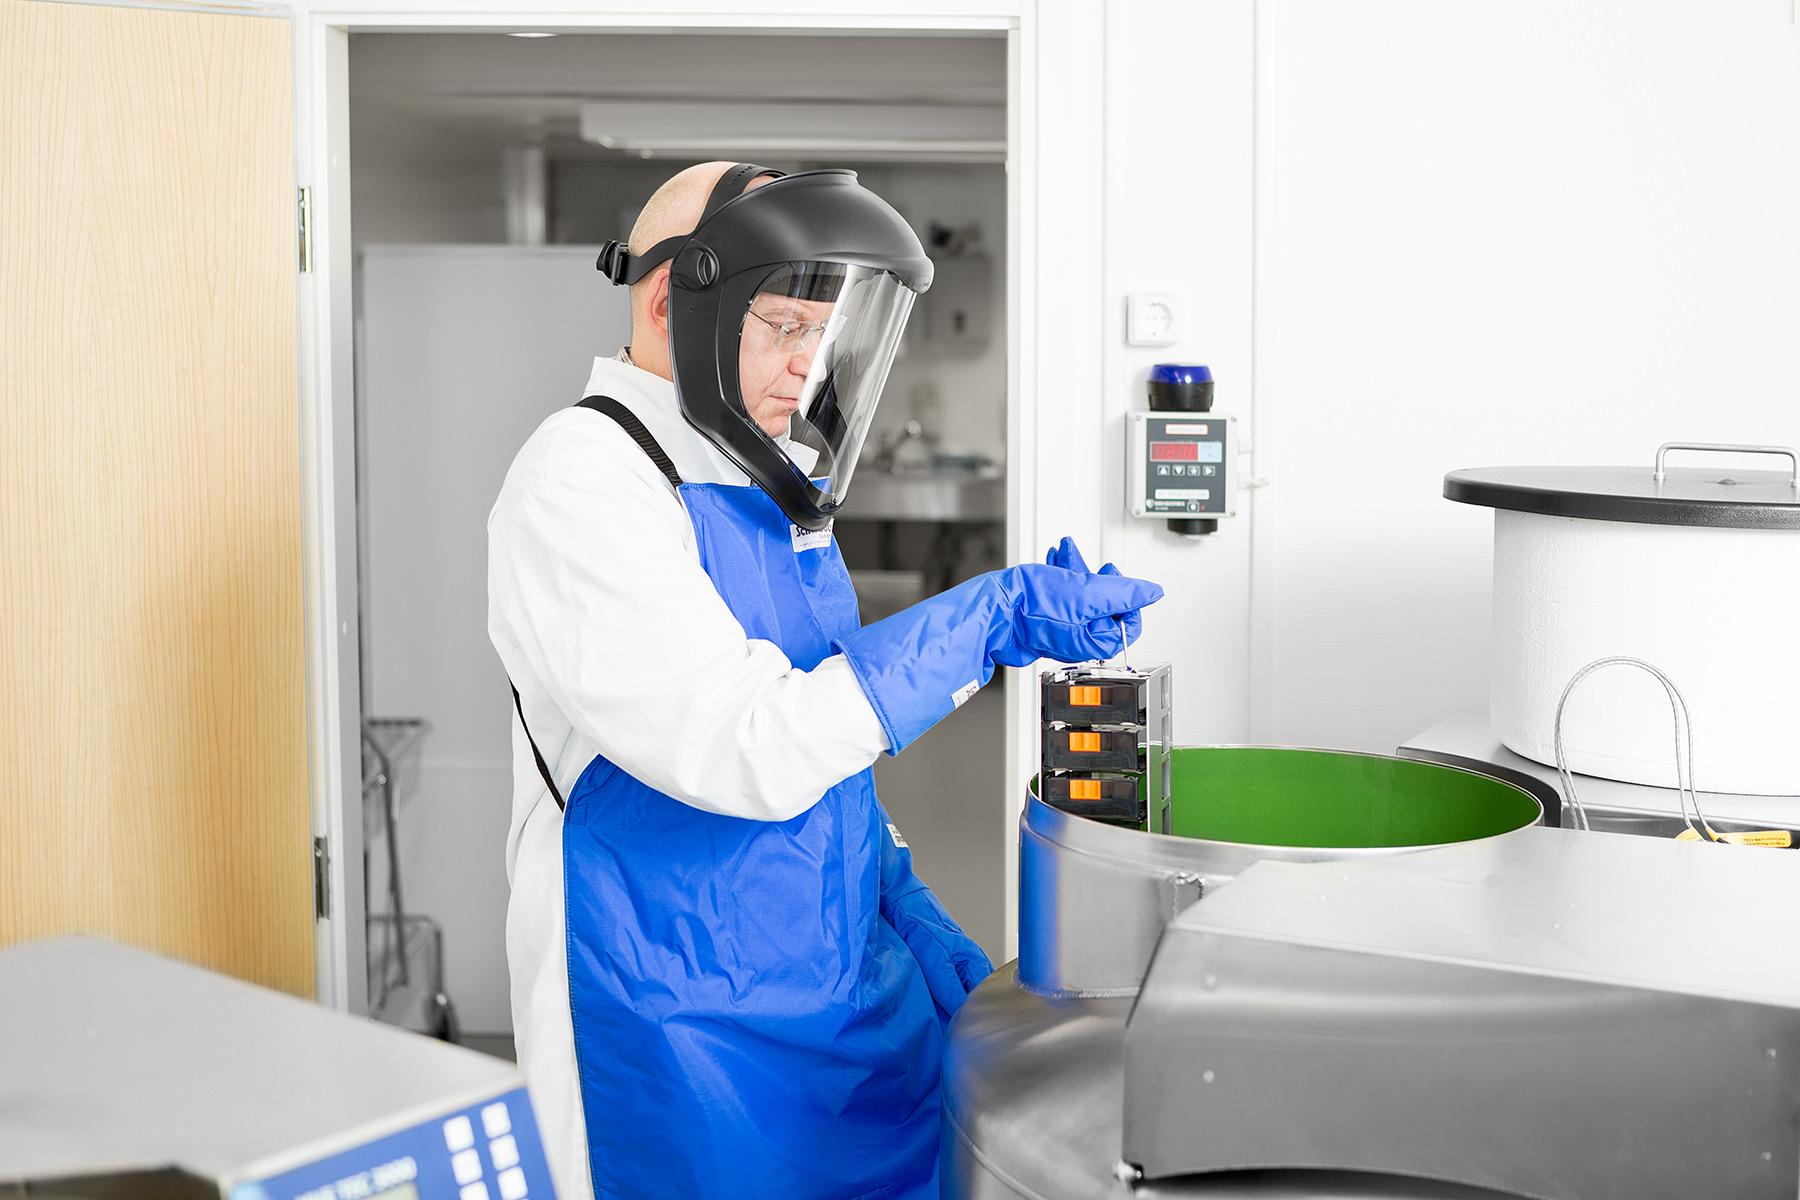 Duodecim-lehden biopankkiteemanumero on ilmestynyt